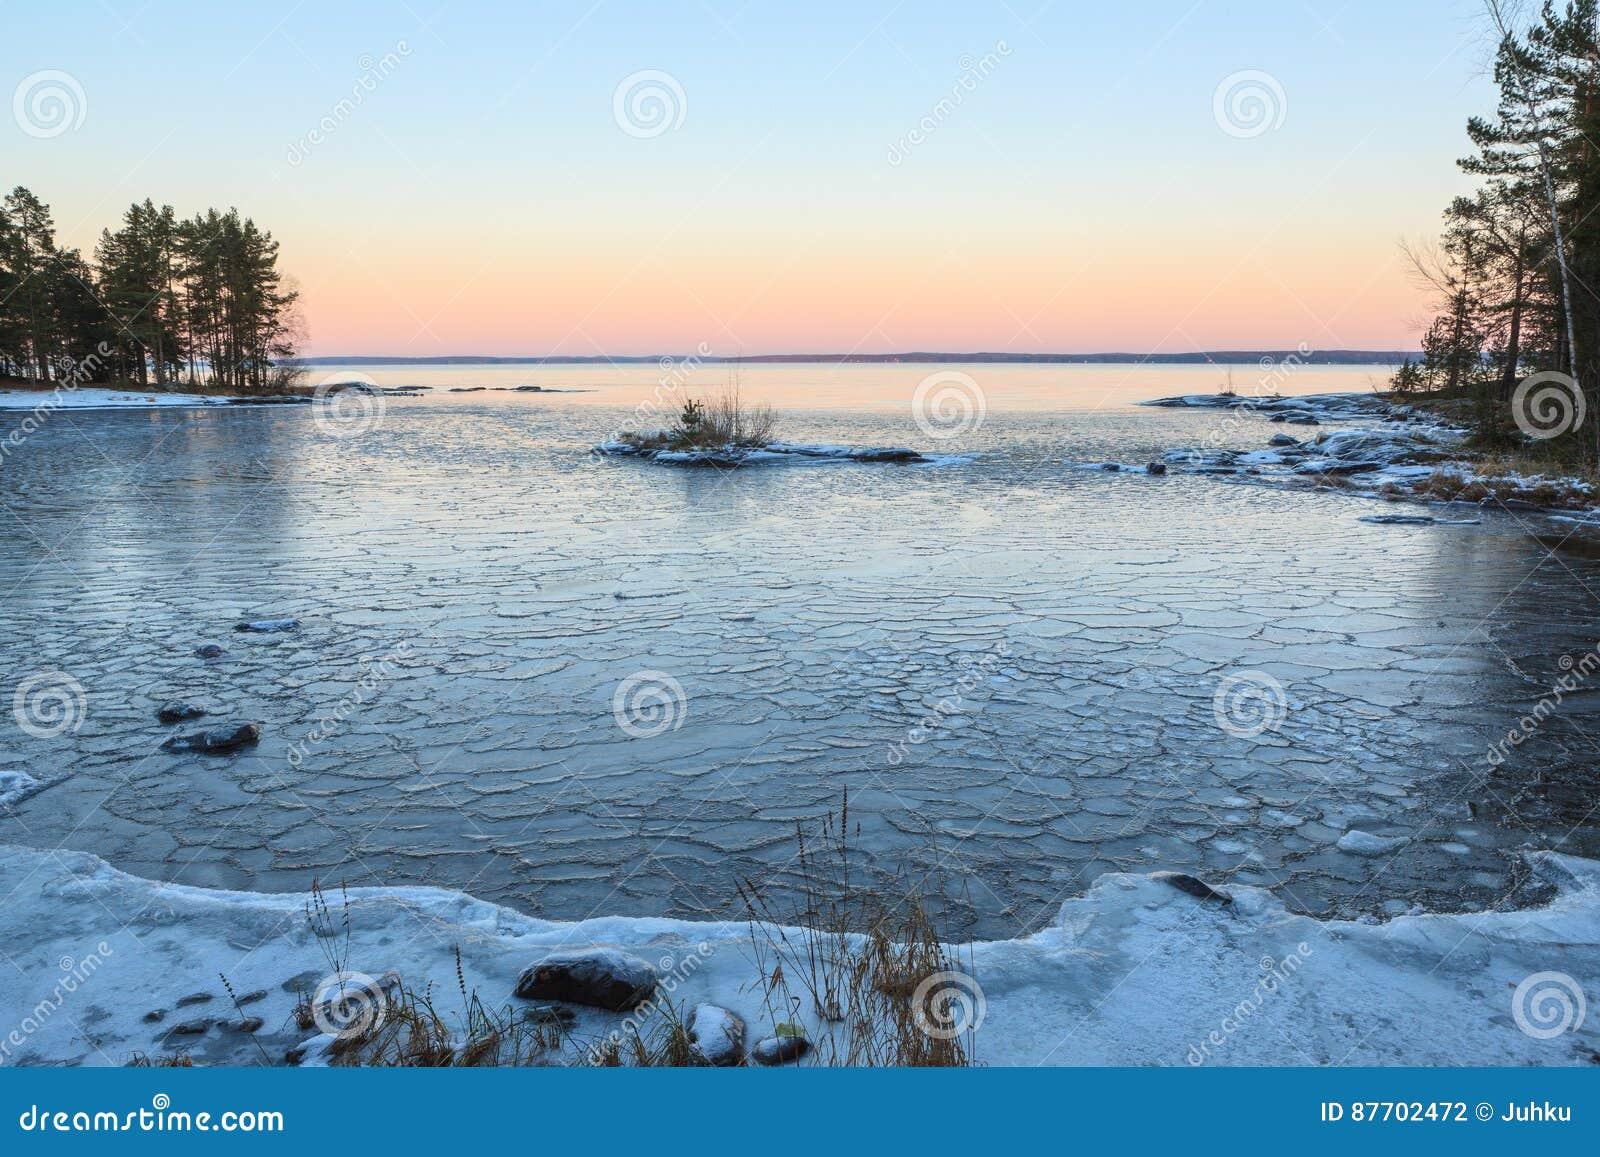 Blocs de glace sur le lac de congélation au crépuscule